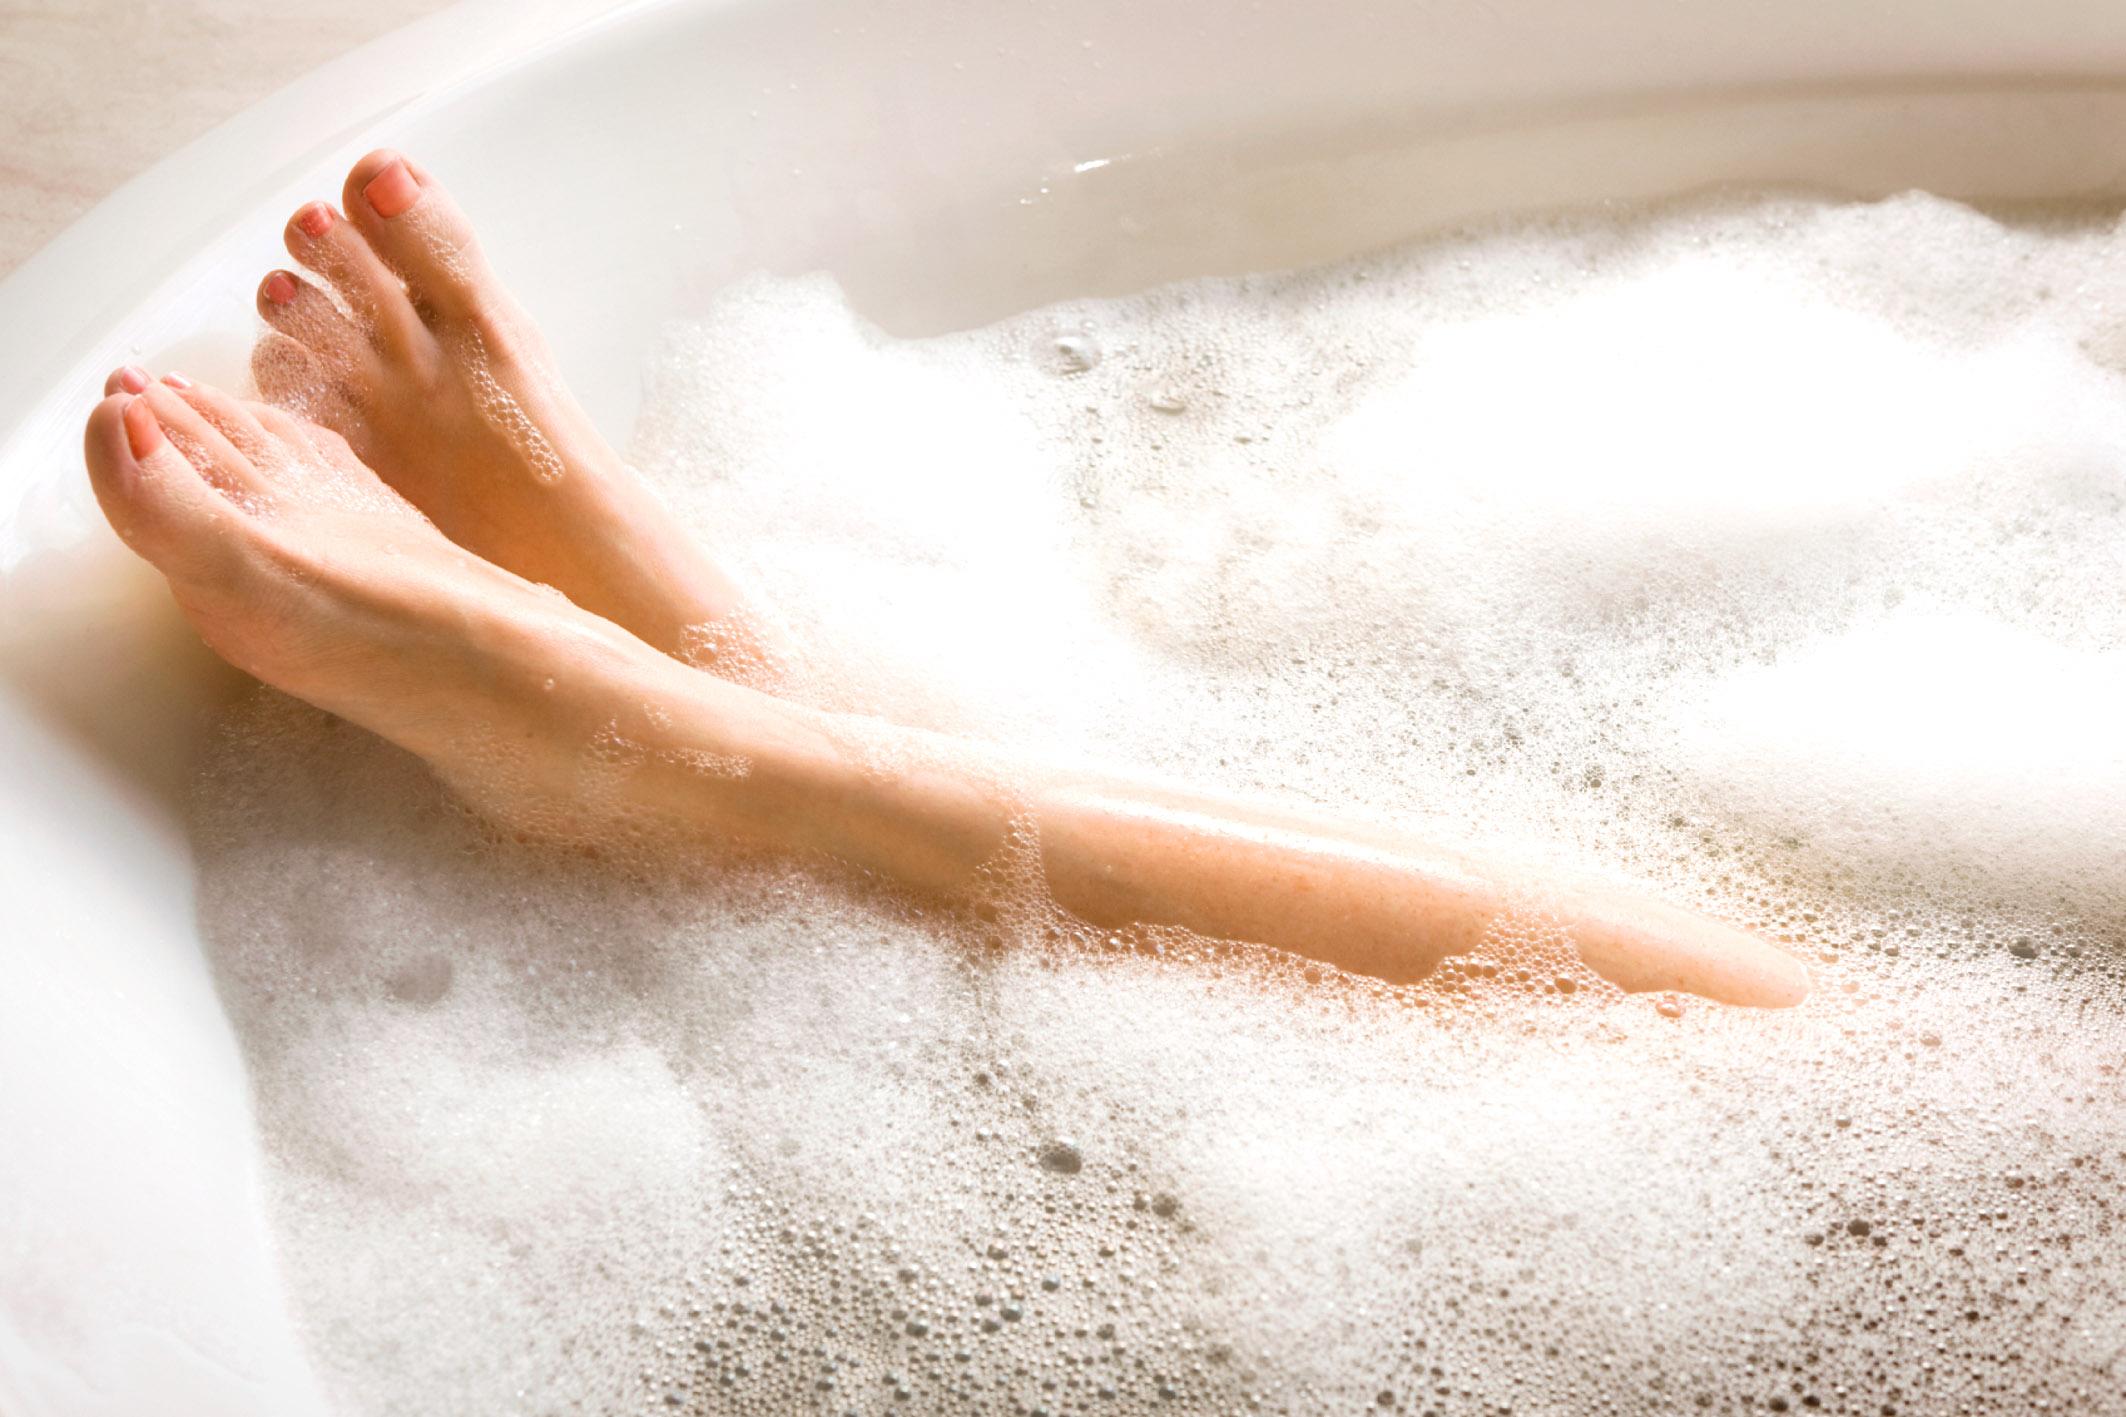 Картинки девушек в ванной с пеной